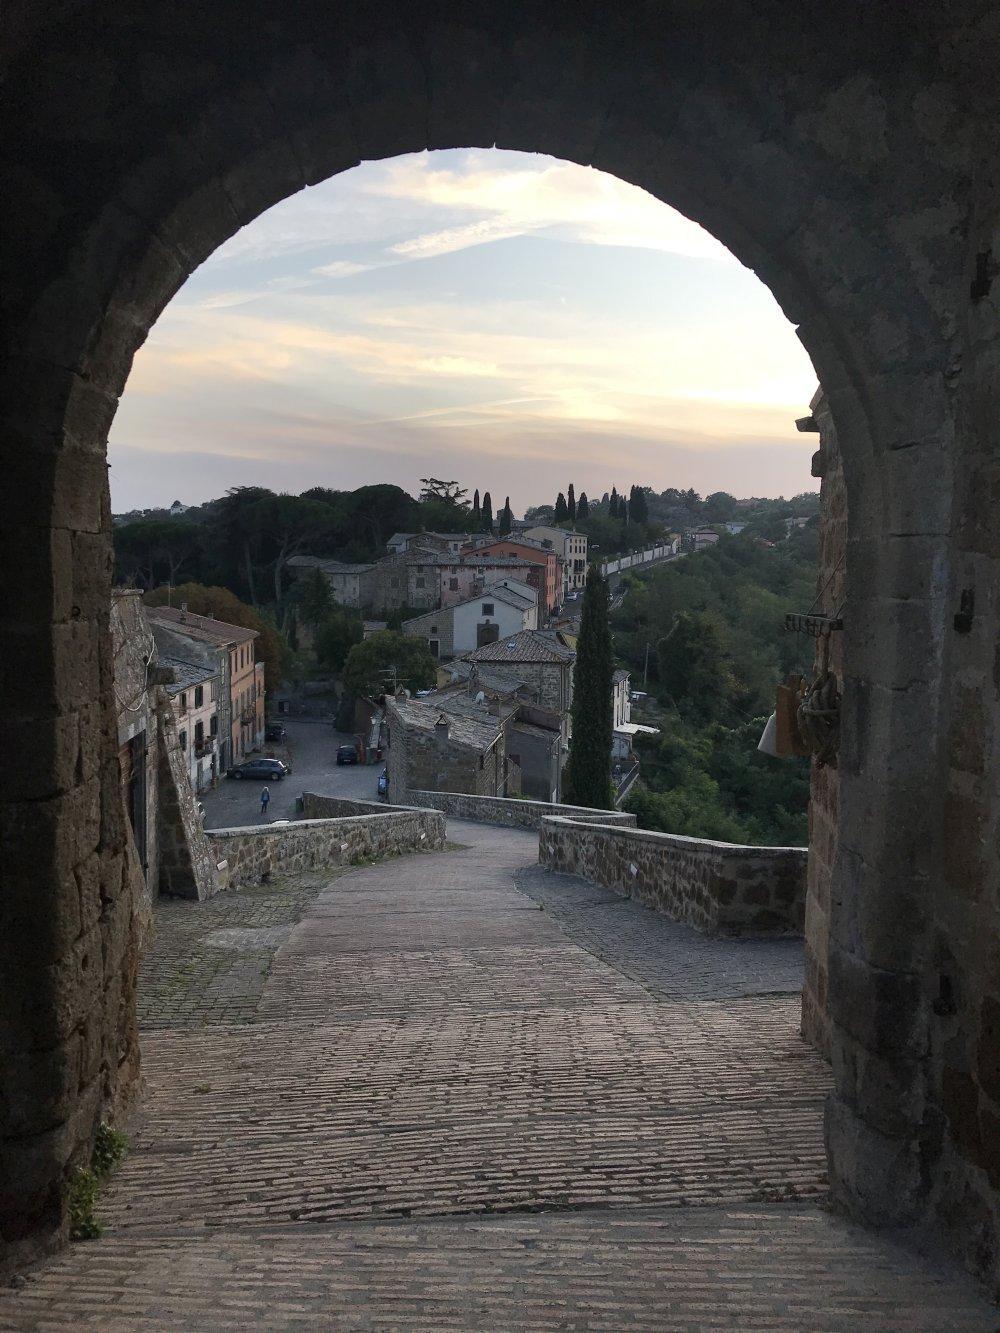 Qu'est-ce qu'une ville fantôme italienne a lancé pour attirer des touristes virtuels?